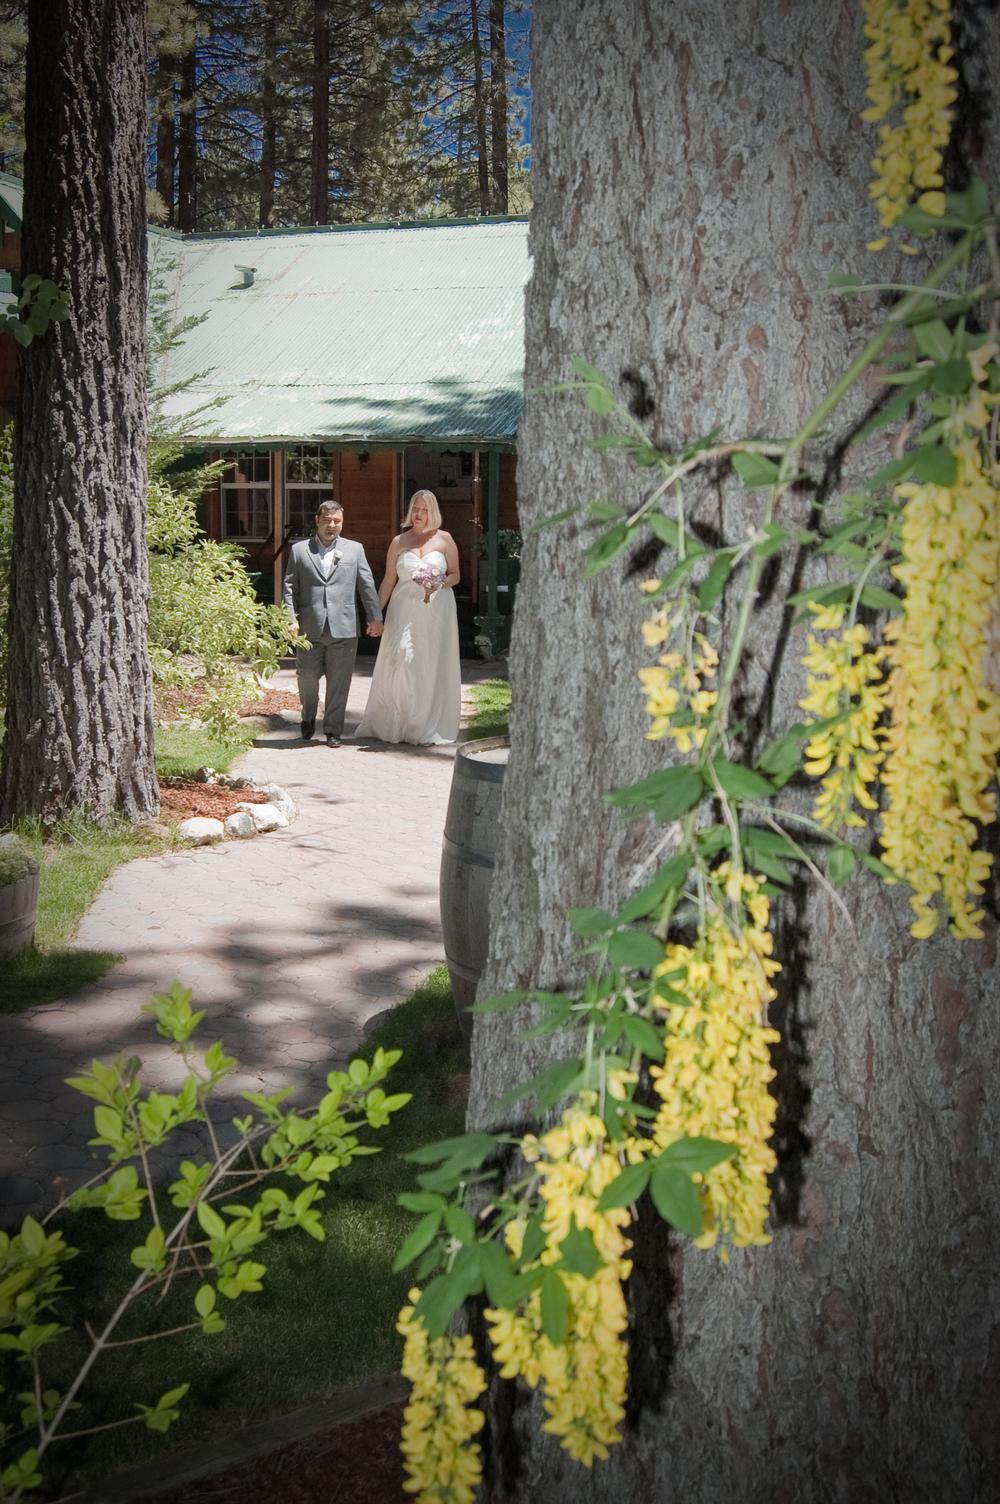 Sam_&_Kristi-_July_9th,_2011_(19).jpg